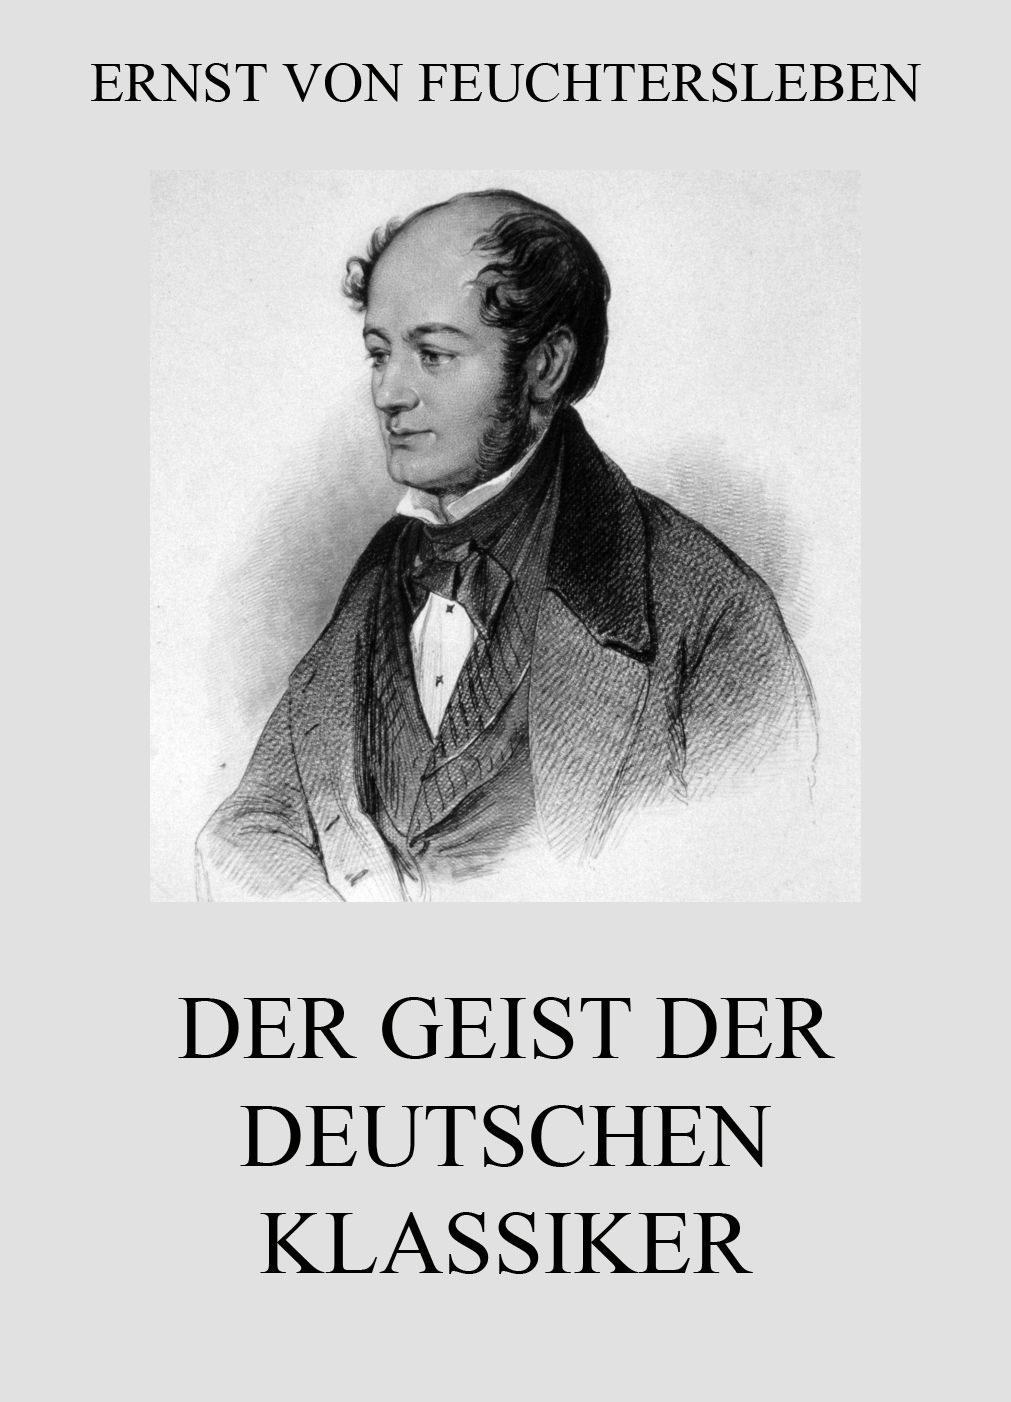 Ernst von Feuchtersleben Der Geist der deutschen Klassiker james fenimore cooper der pfadfinder western klassiker